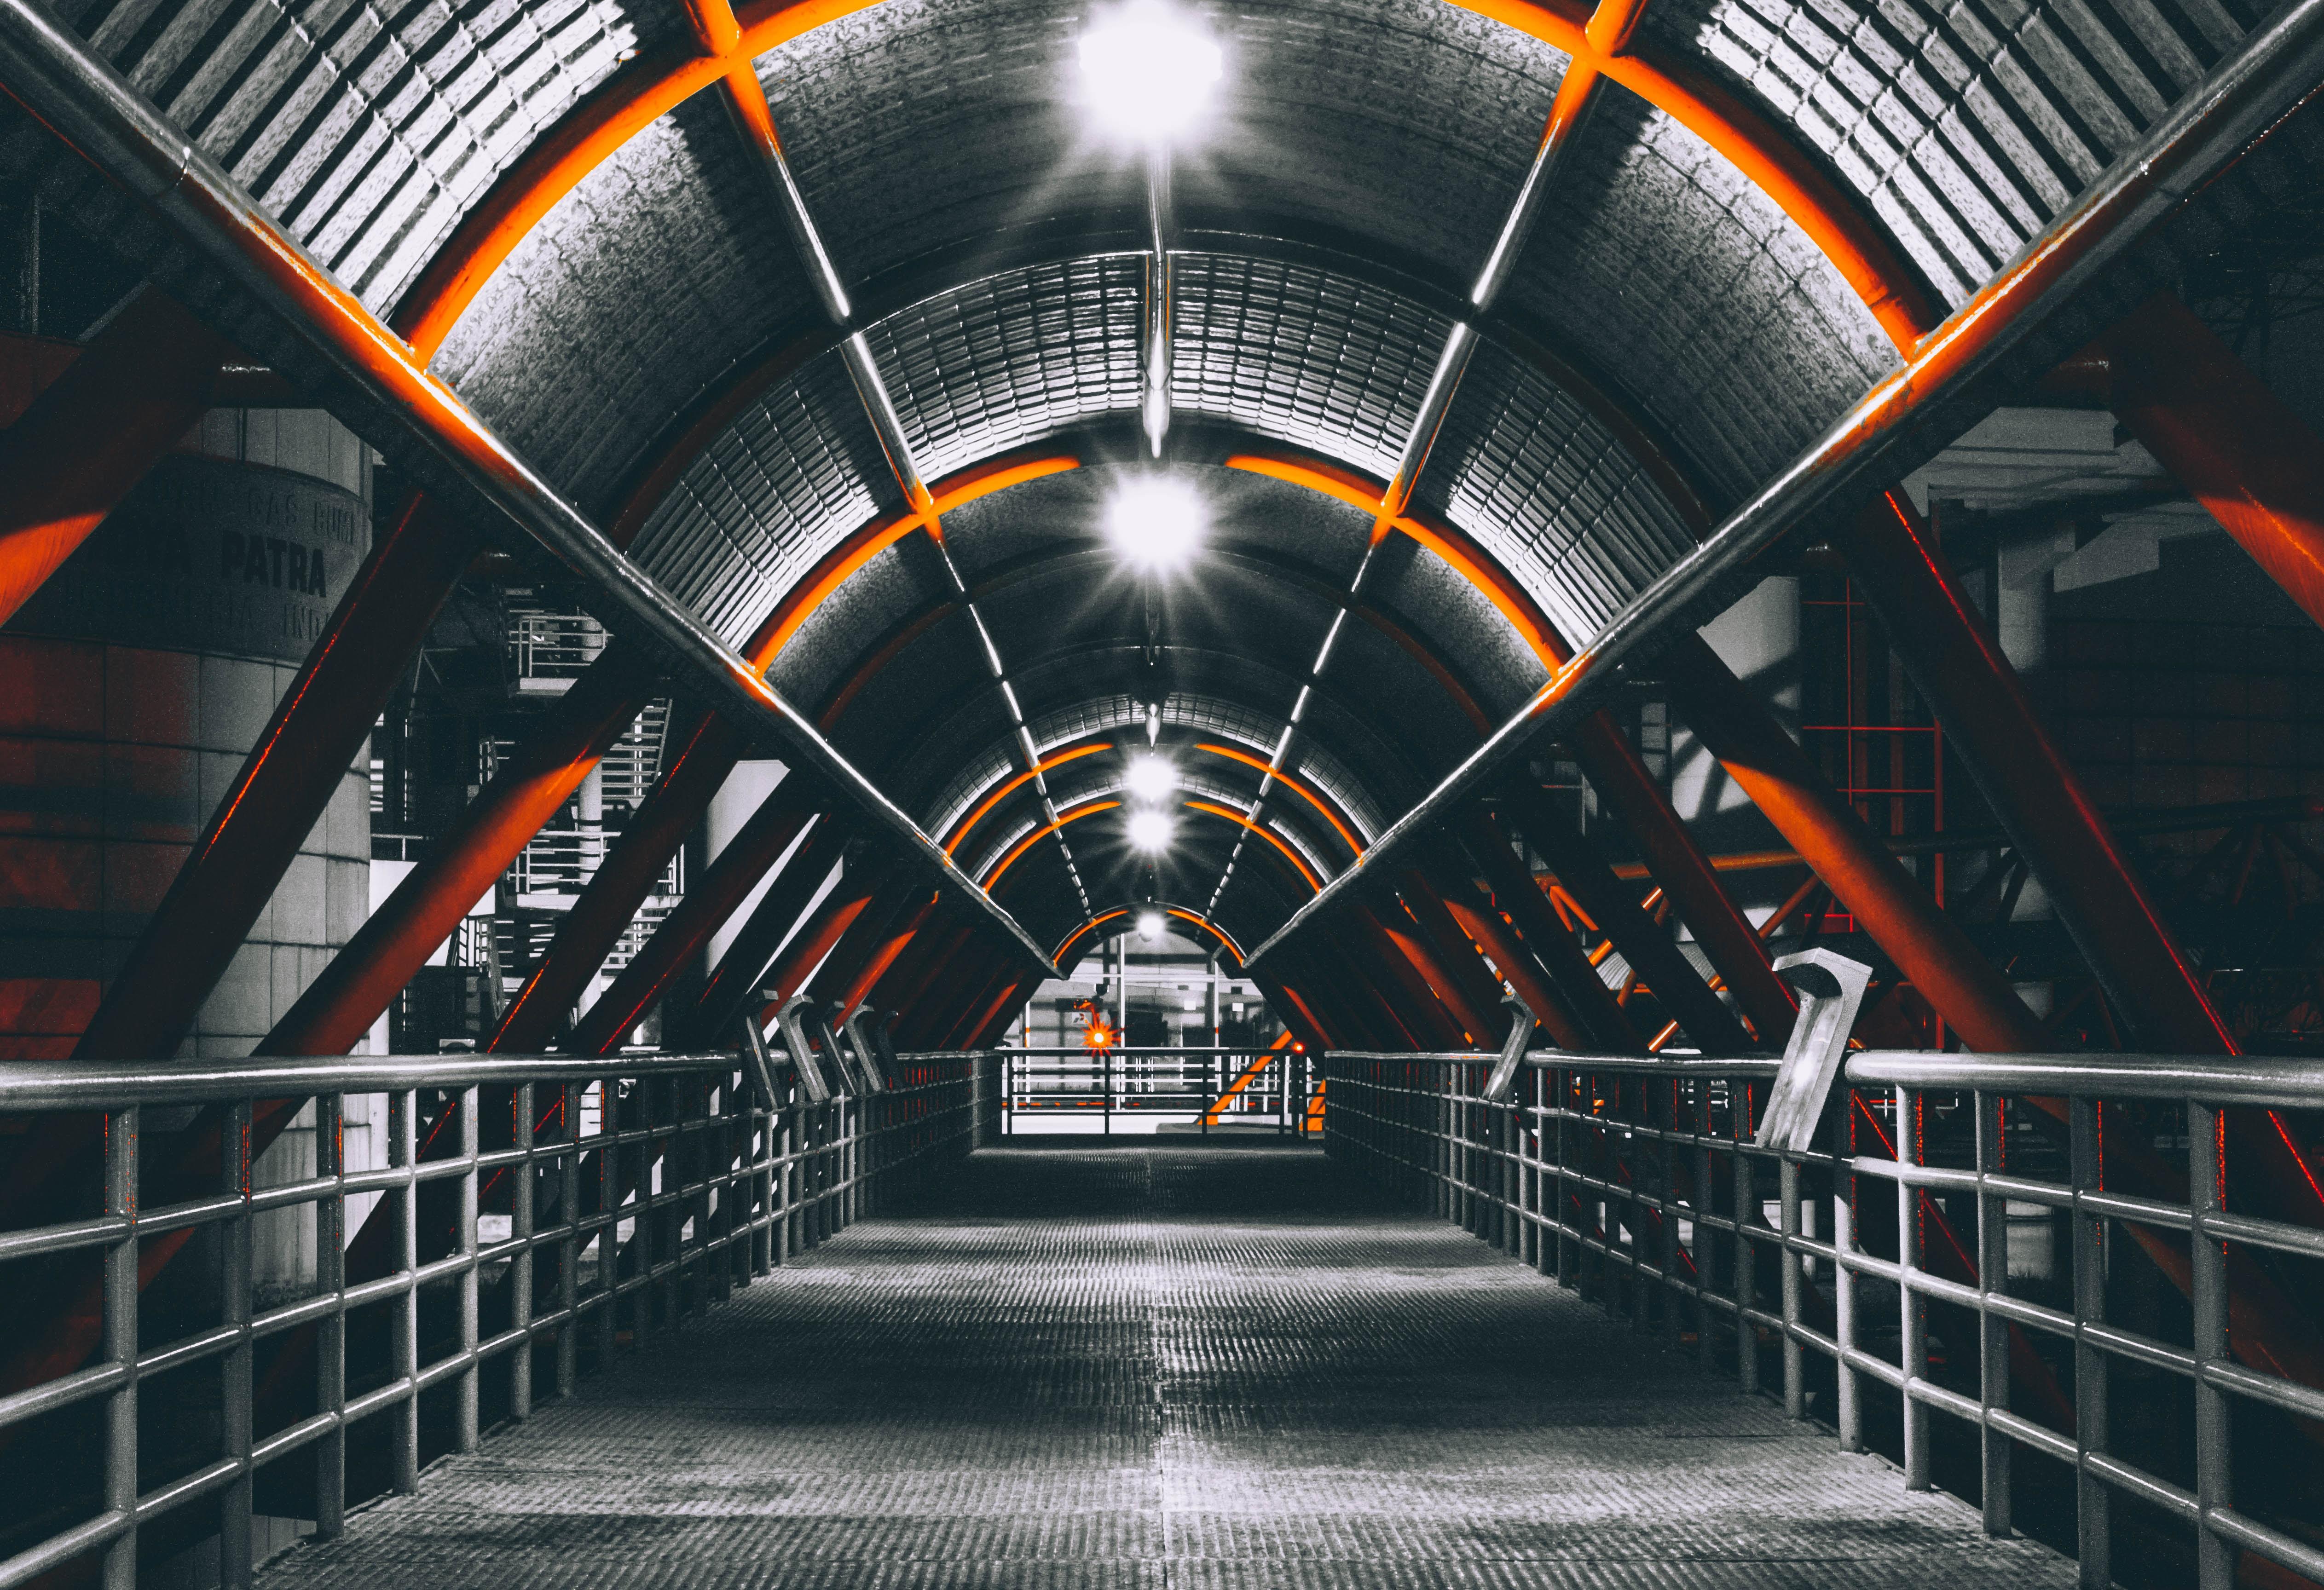 pathway between steel railings tunnel